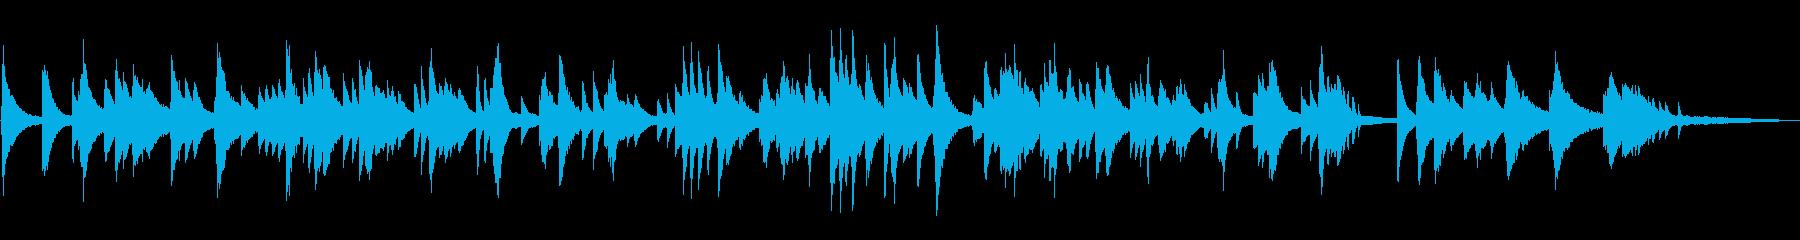 ジャズラウンジ/ゆったりとしたピアノソロの再生済みの波形